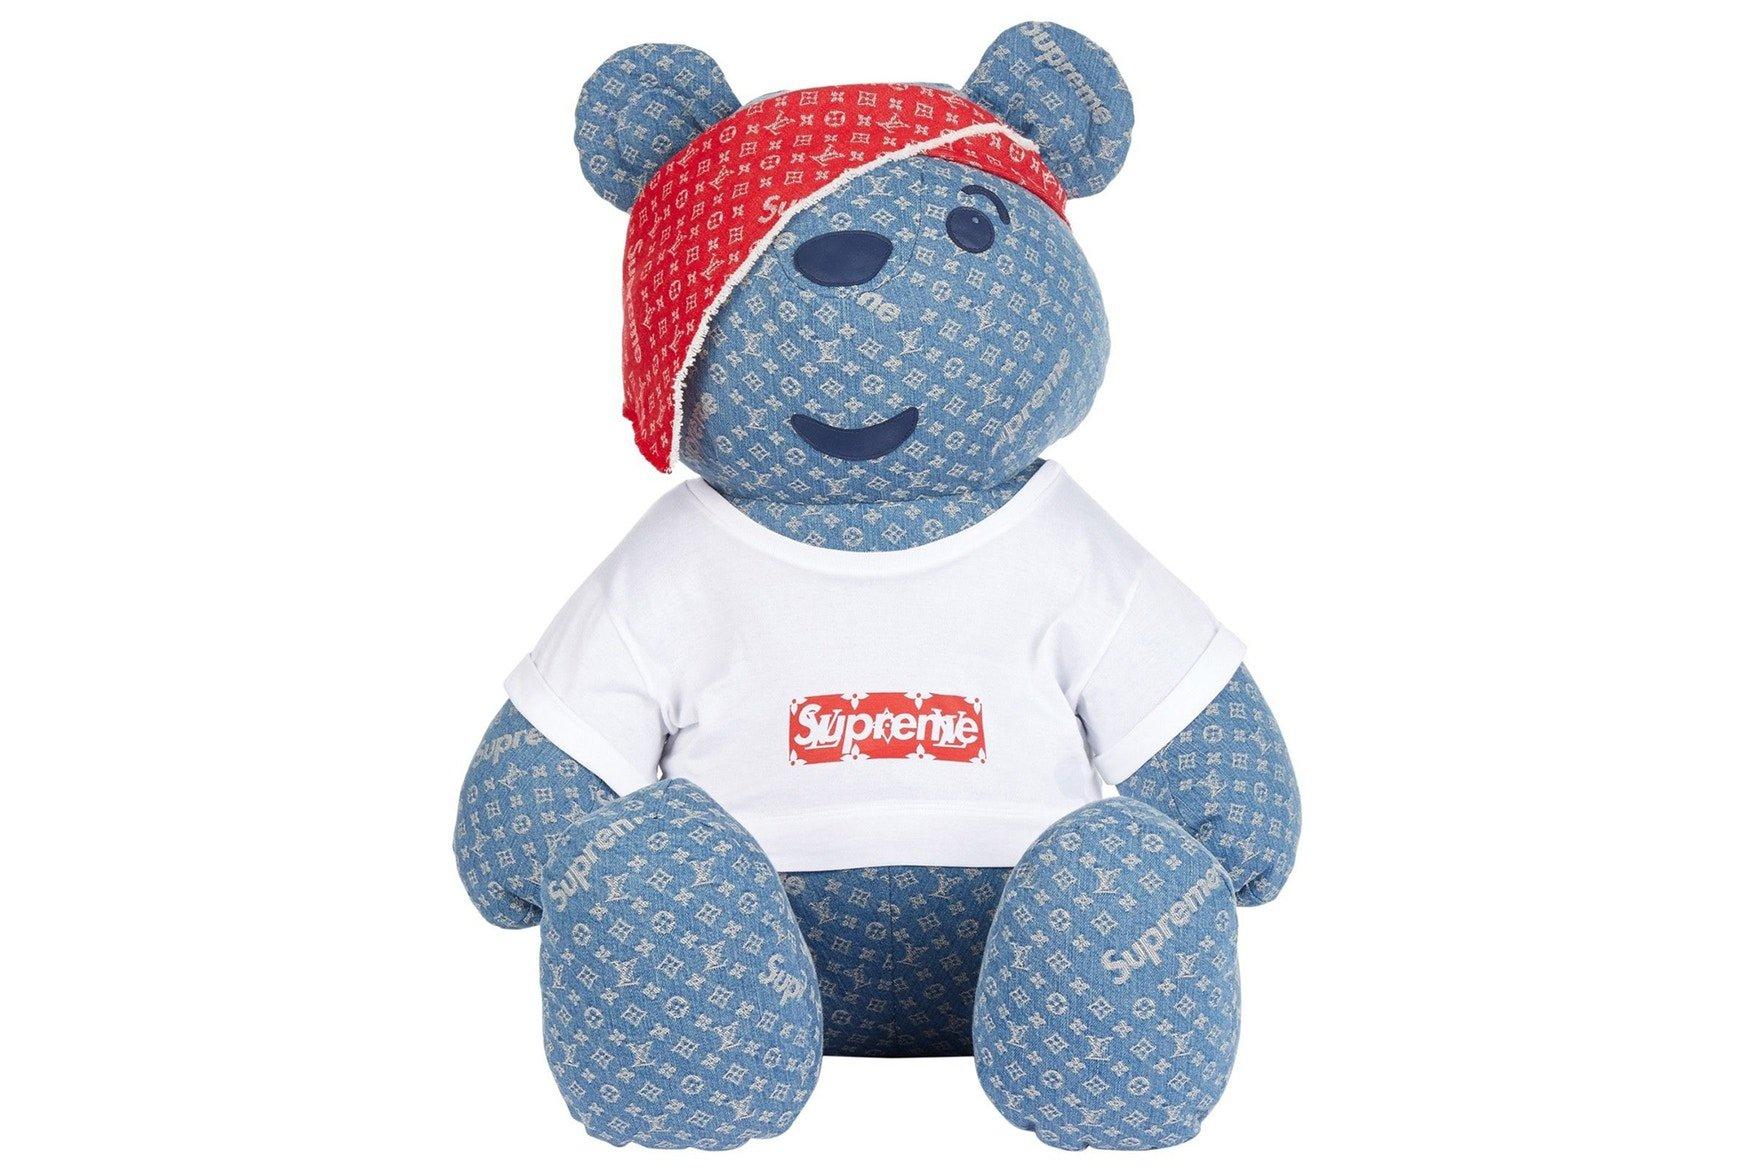 This Louis Vuitton X Supreme Teddy Bear